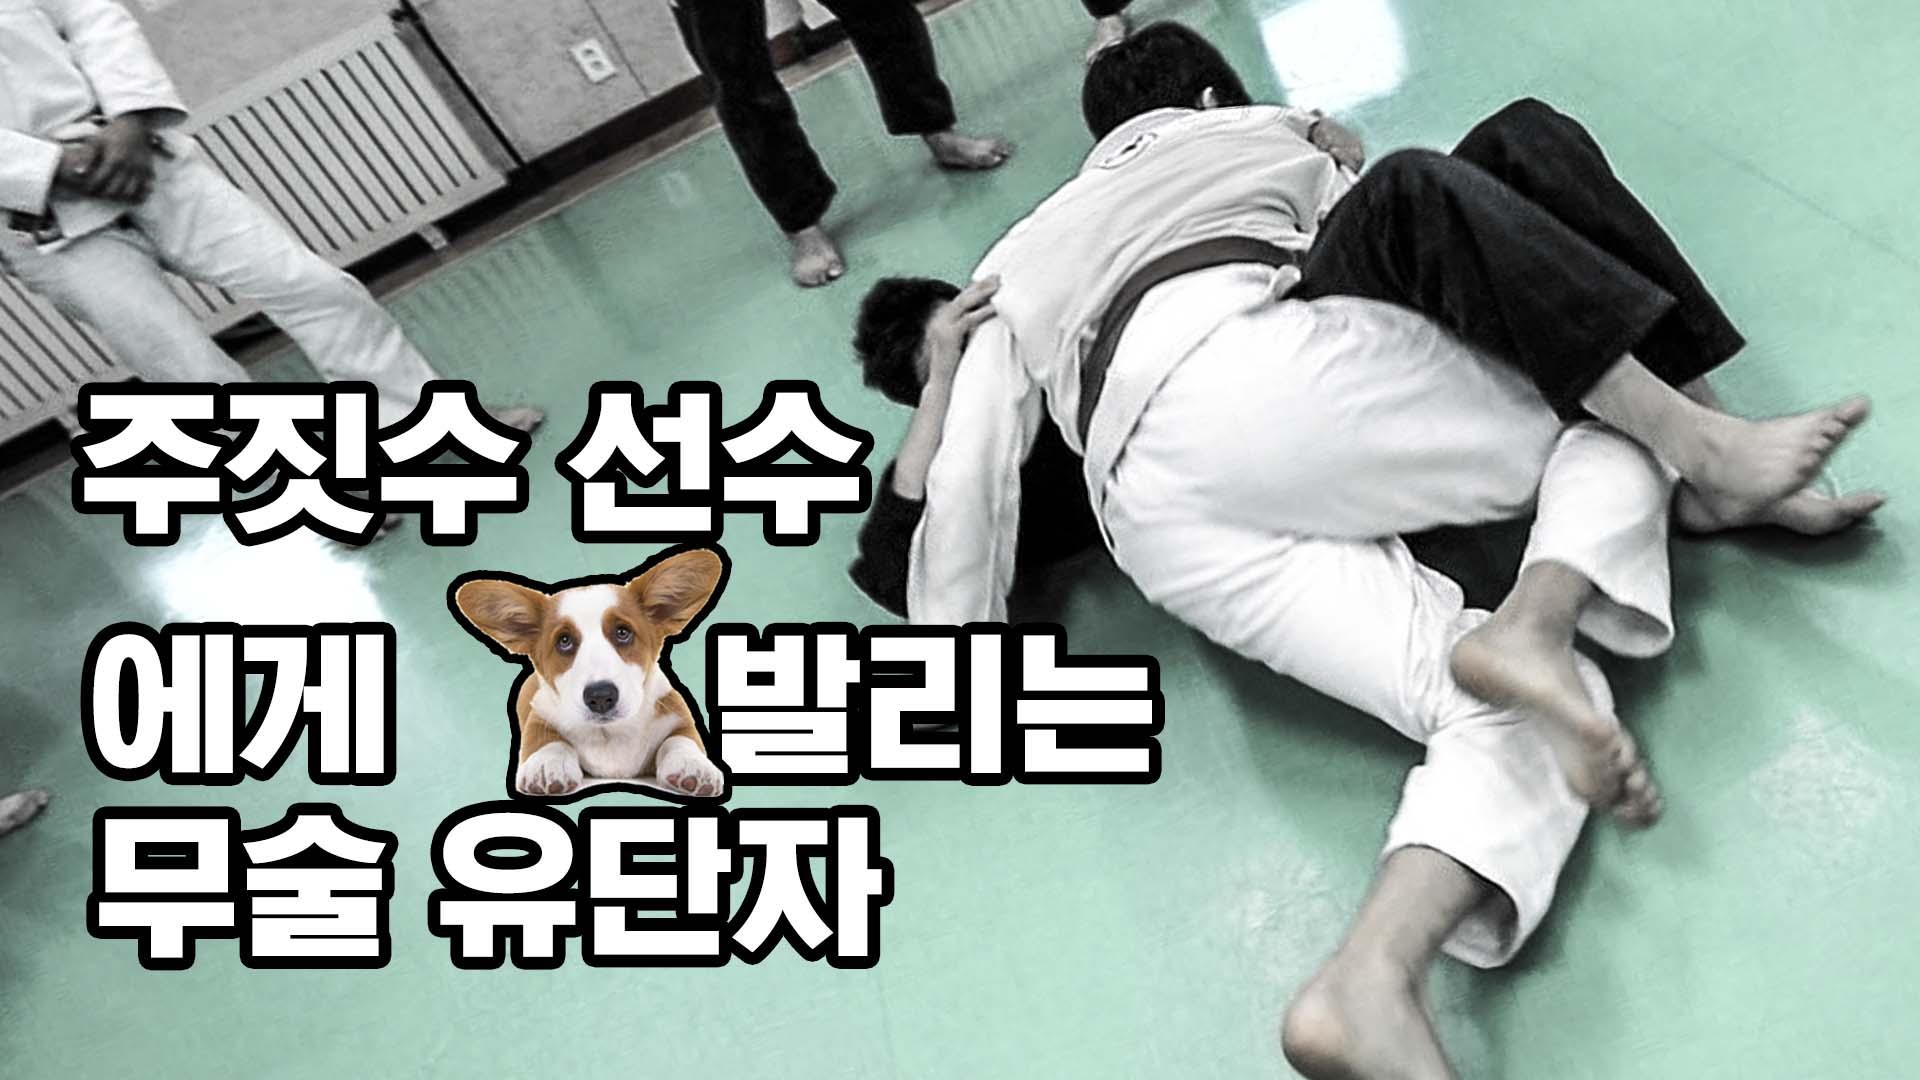 [리얼격투] 주짓수 선수에게 발